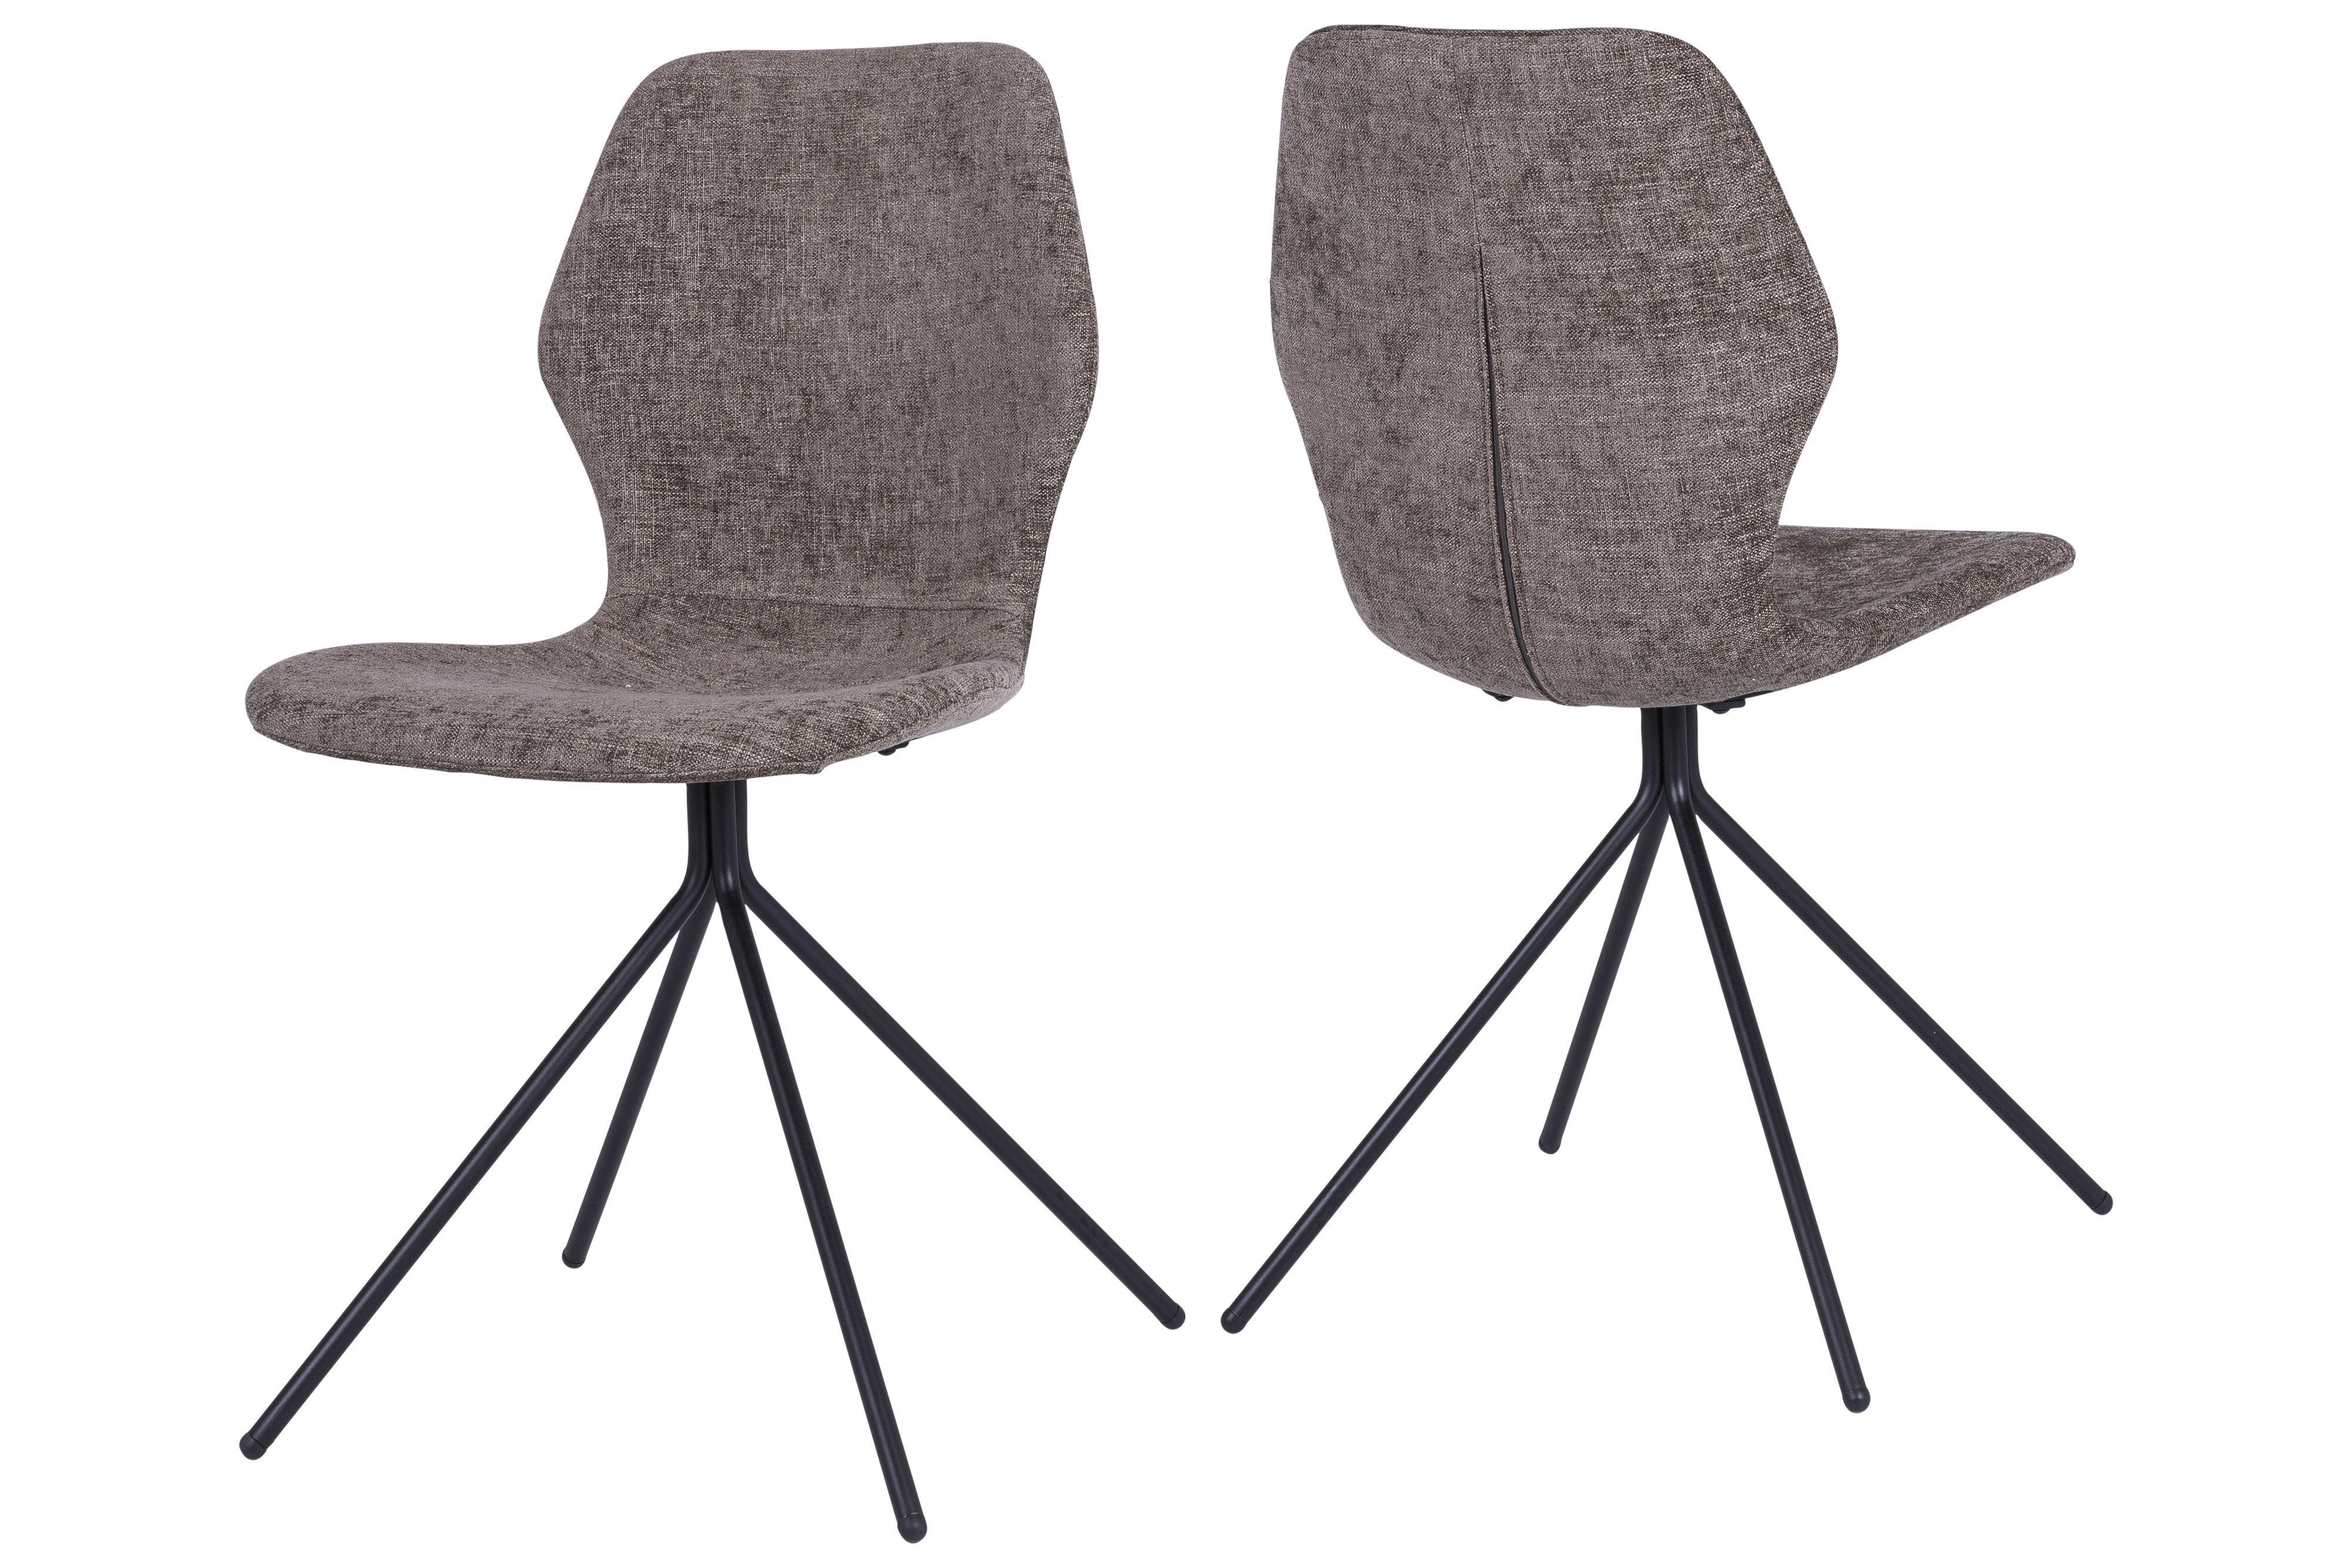 Stühle modern esszimmer schwarz  Stuhl Hellbraun/ Schwarz Woody 112-00830 Stoff Modern Jetzt ...